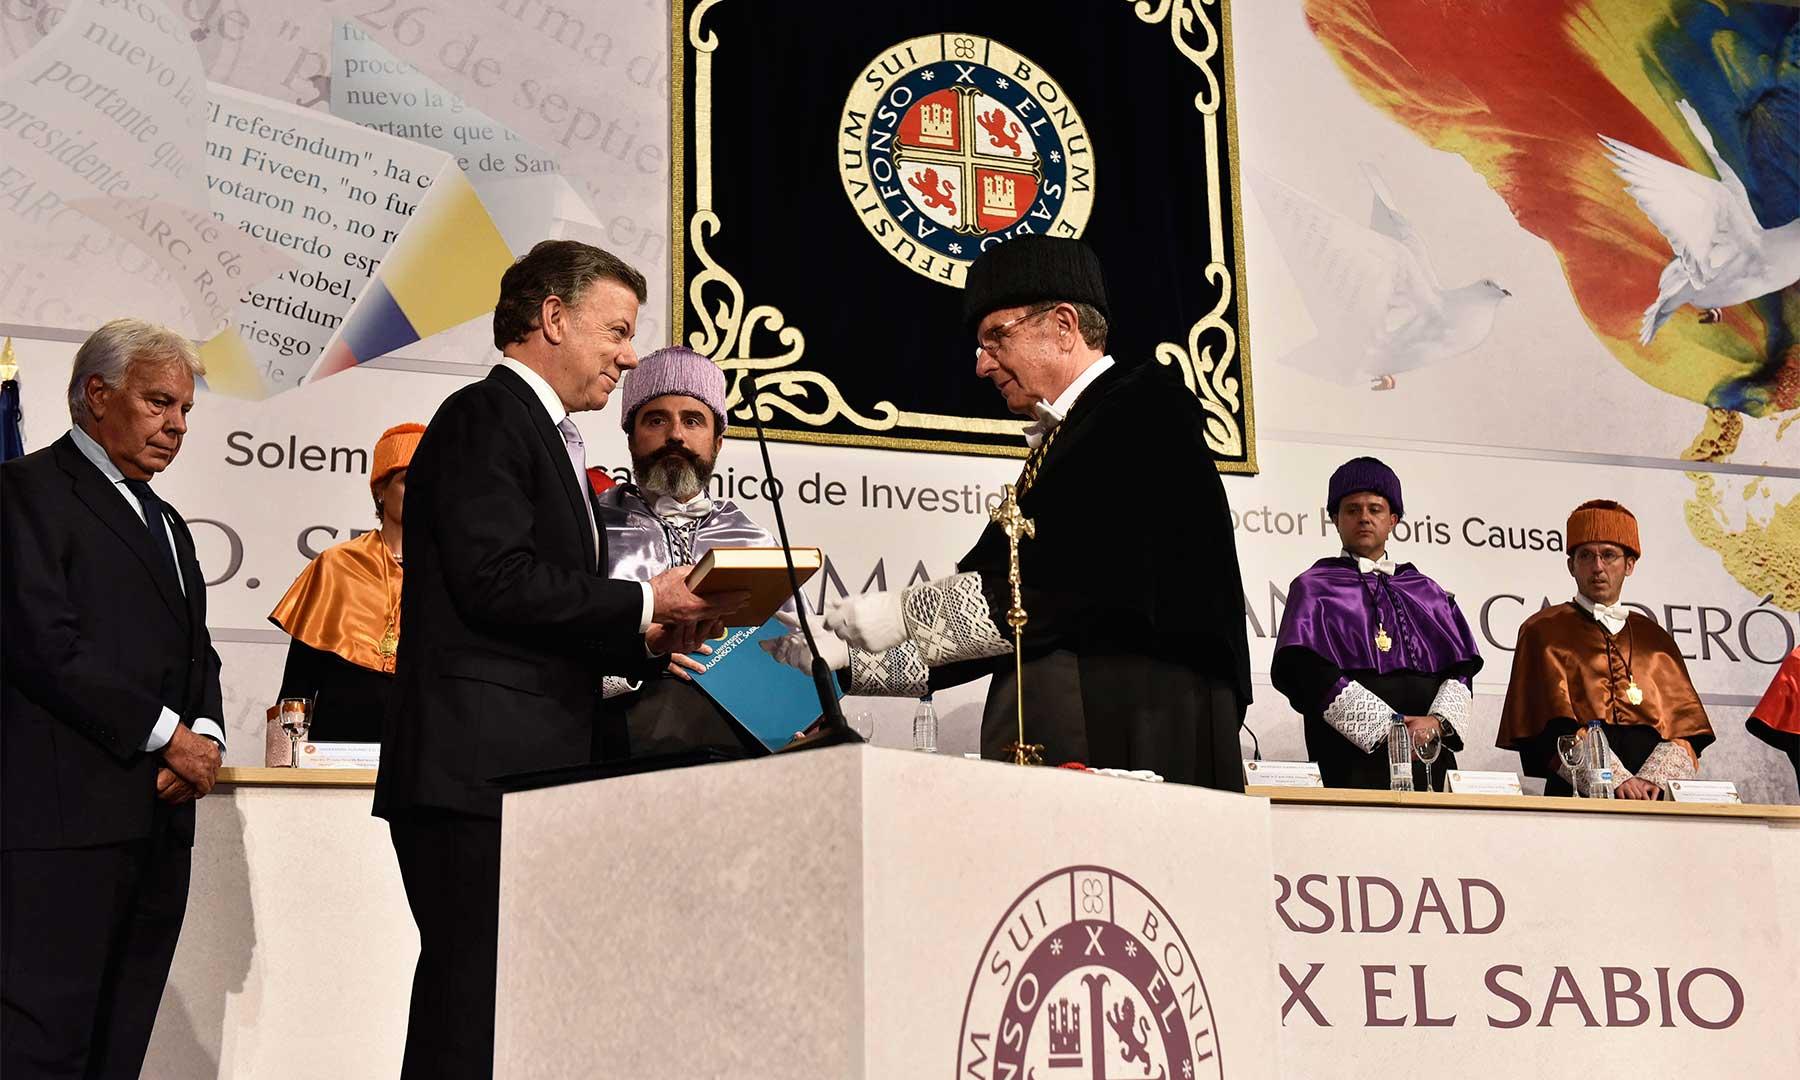 El Presidente y Premio Nobel de Paz 2016, Juan Manuel Santos, recibe el doctorado Honoris Causa de la Universidad Alfonso X El Sabio, por su persistente esfuerzo para lograr la paz y su trayectoria profesional y personal.